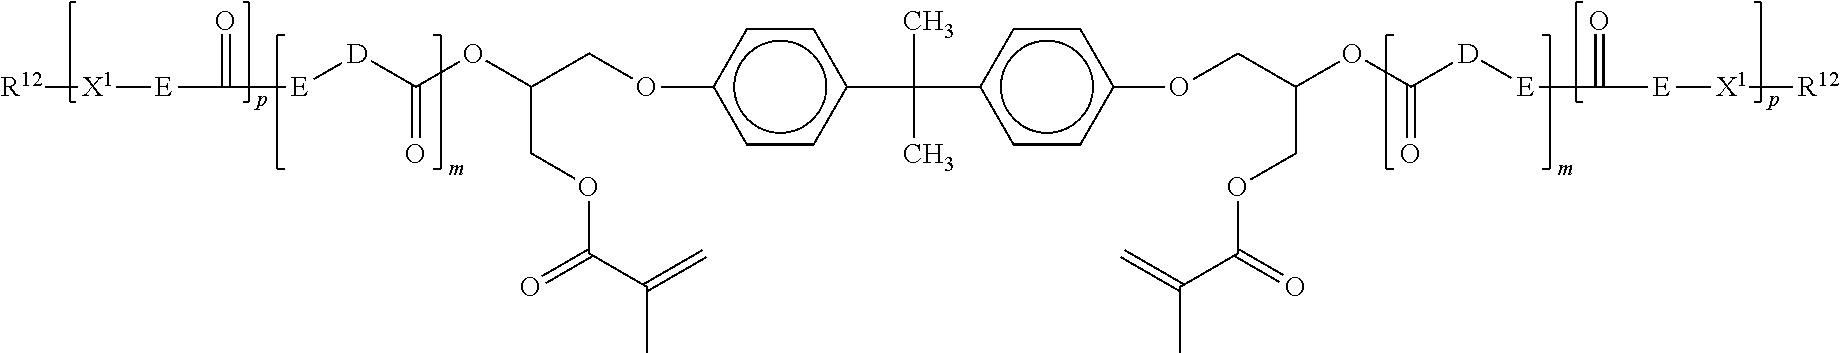 Figure US09414996-20160816-C00011